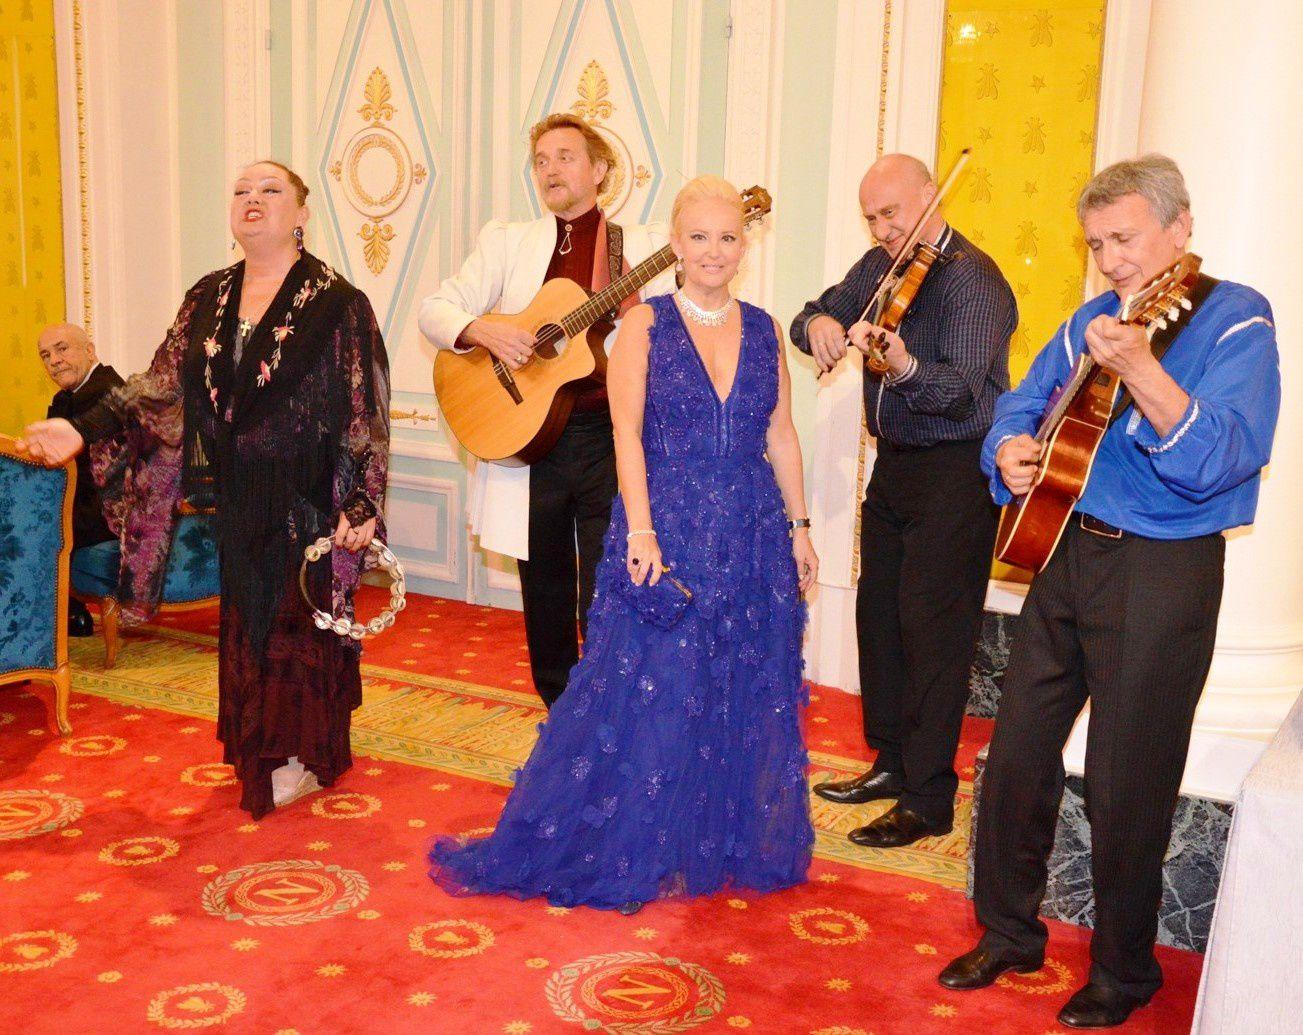 Natalia Ermilova, Artiste slave, chanteuse et violoniste et David Bubani, chanteur d'opéra et violoniste accompagné par le pianiste Genc Tukiçi, Artistes russes et tziganes.